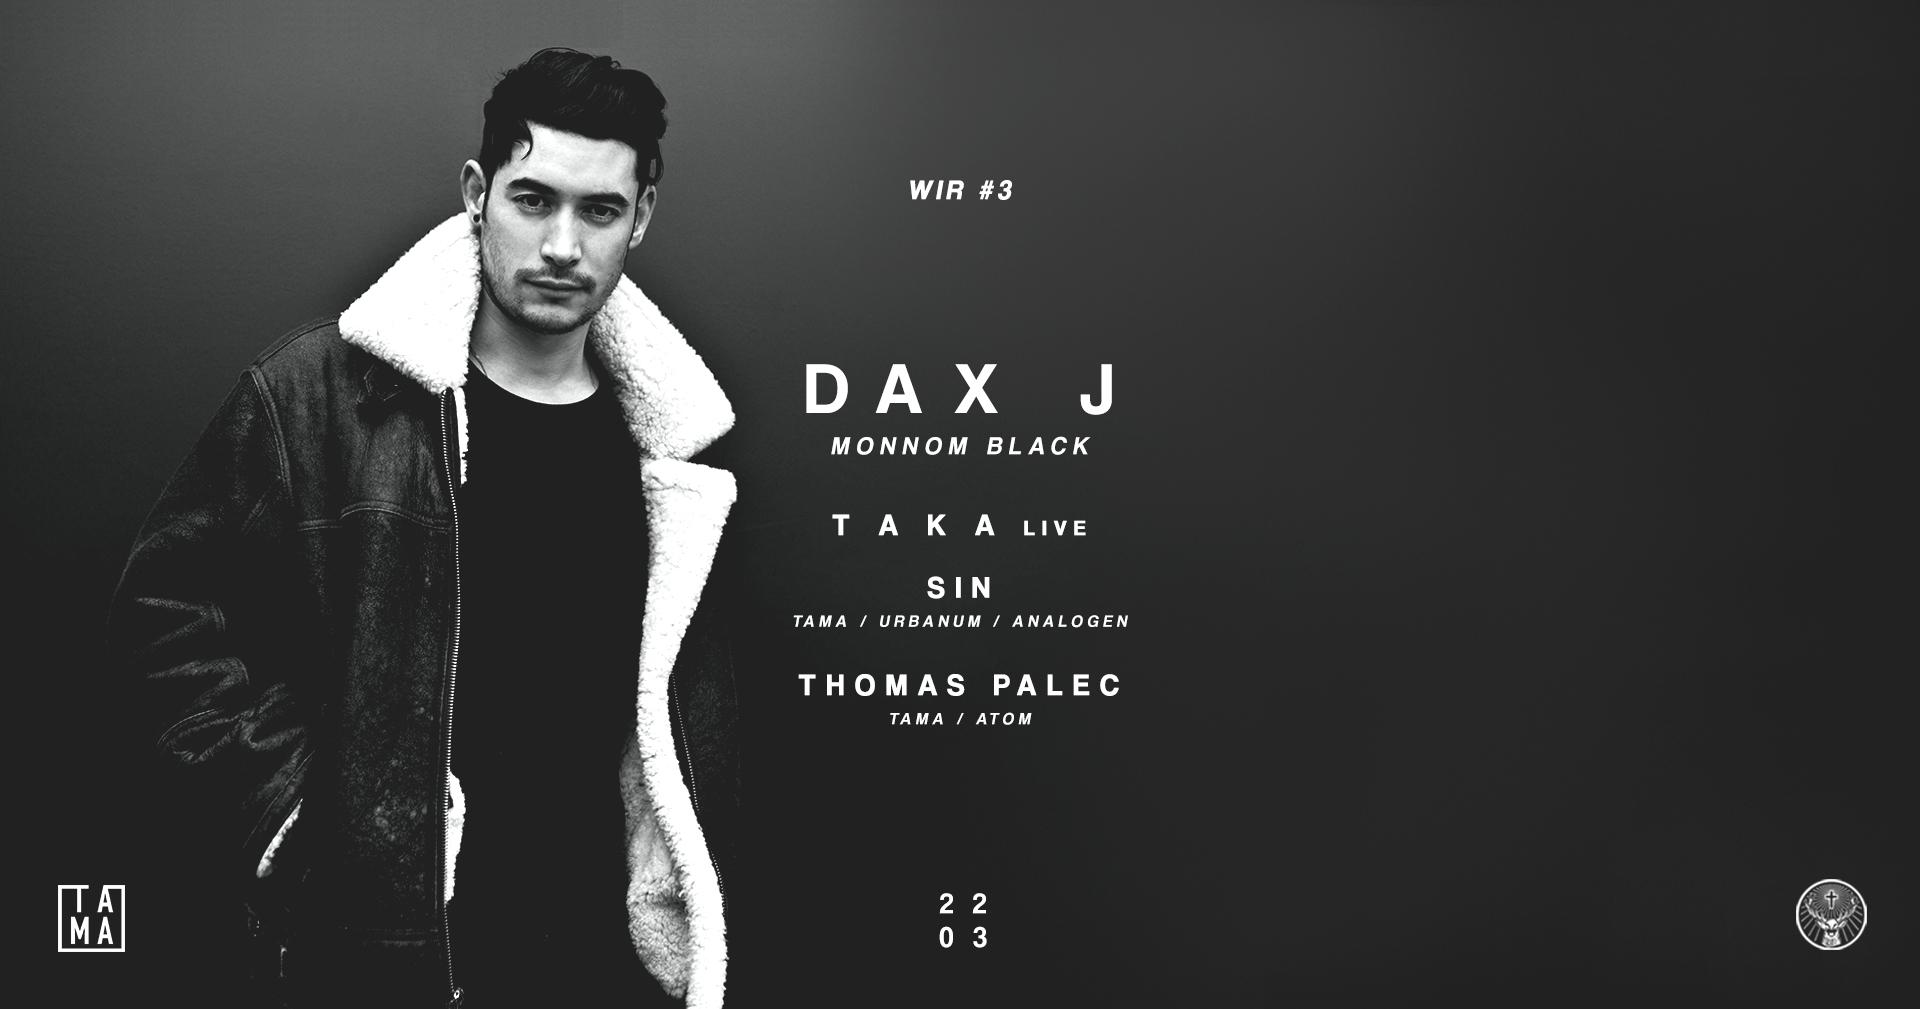 WIR #3: Dax J